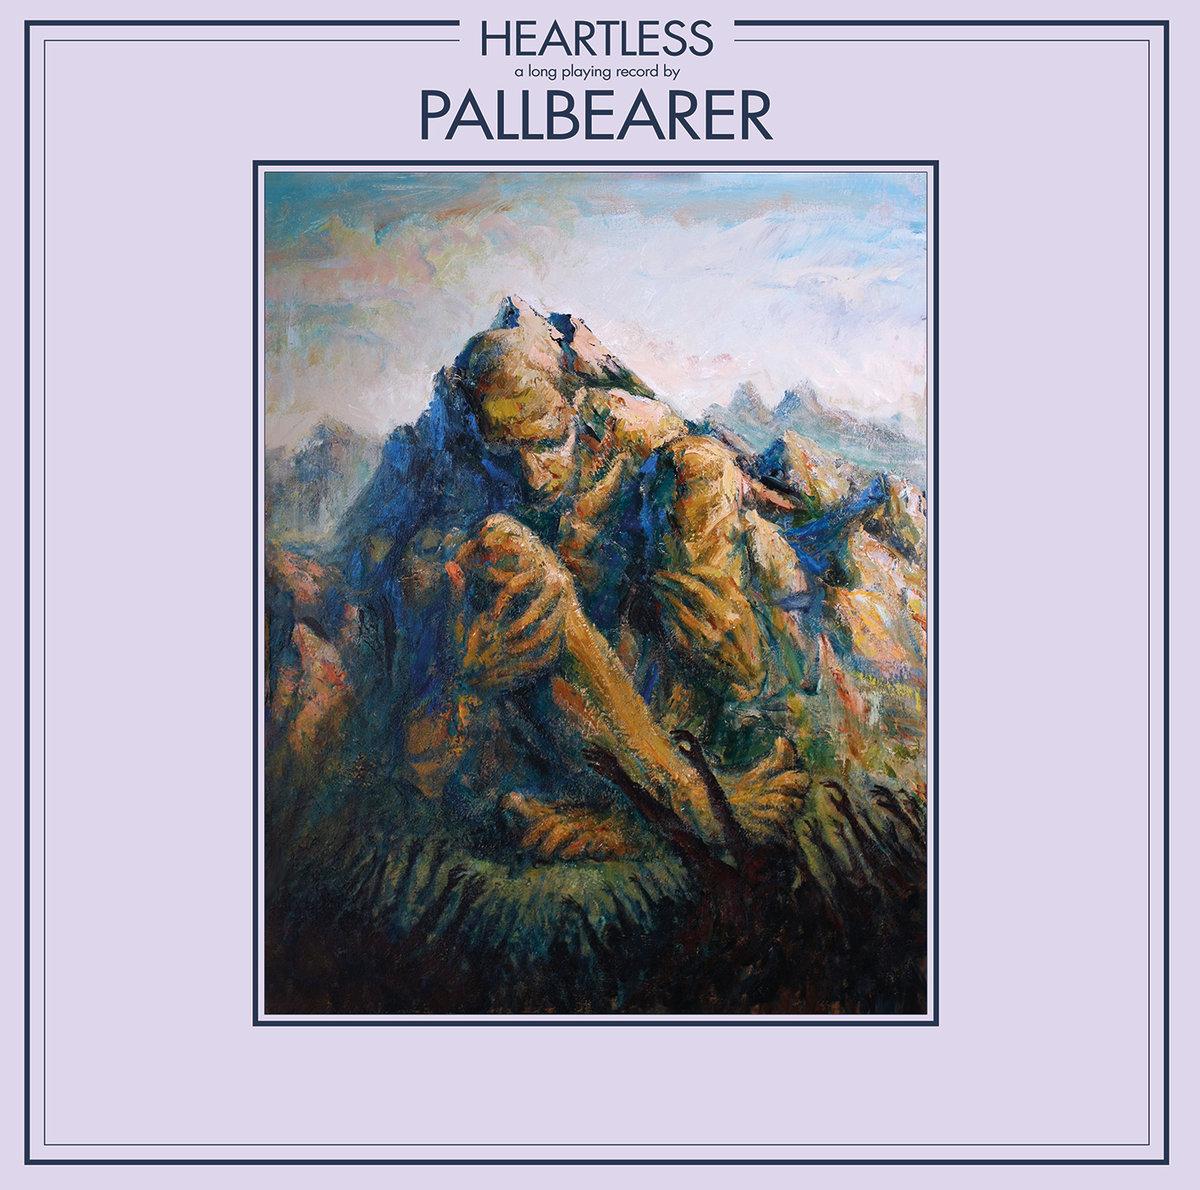 Pallbearer - Heartless<br /><br />Az amcsi doomsterek harmadik nagylemeze nyilván nem az élet napfényes oldalának kedvelőihez fog szólni, de nem is ezért szeretjük Brett Campbellék zenéjét. Viszont aki minőségi, tömény bánatfémre vágyik, már gyűjtheti is a zsebpénzét, mert az garantált, hogy egy hatalmas albummal lesz dolgunk!